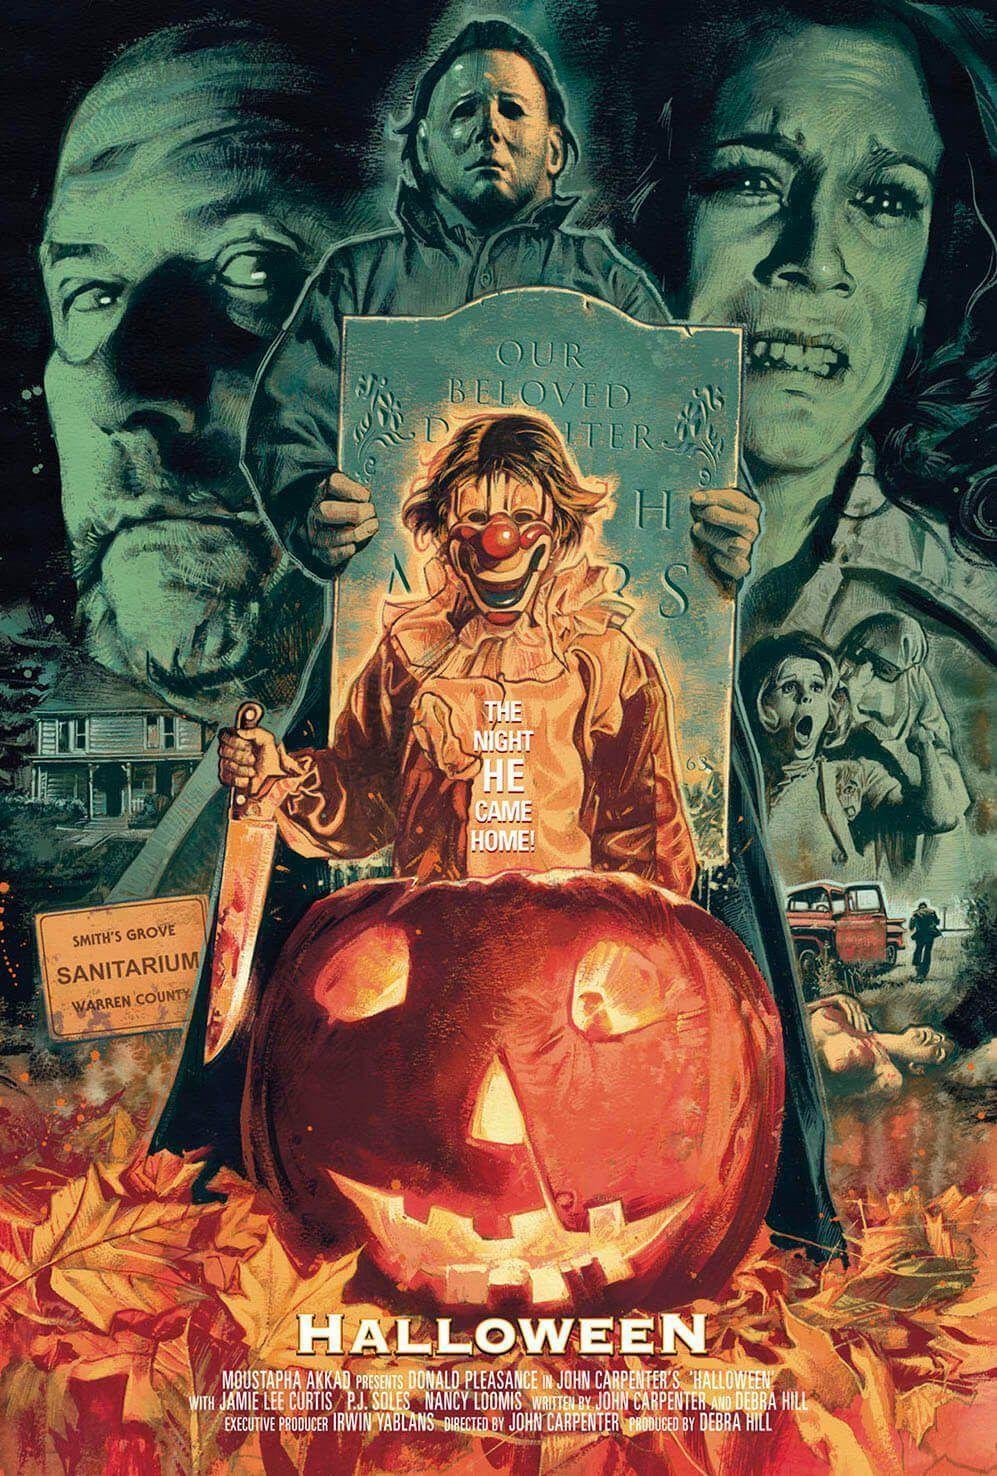 Warren County Halloween 2020 Filmed halloween movies michael myers in 2020   Retro horror, Classic